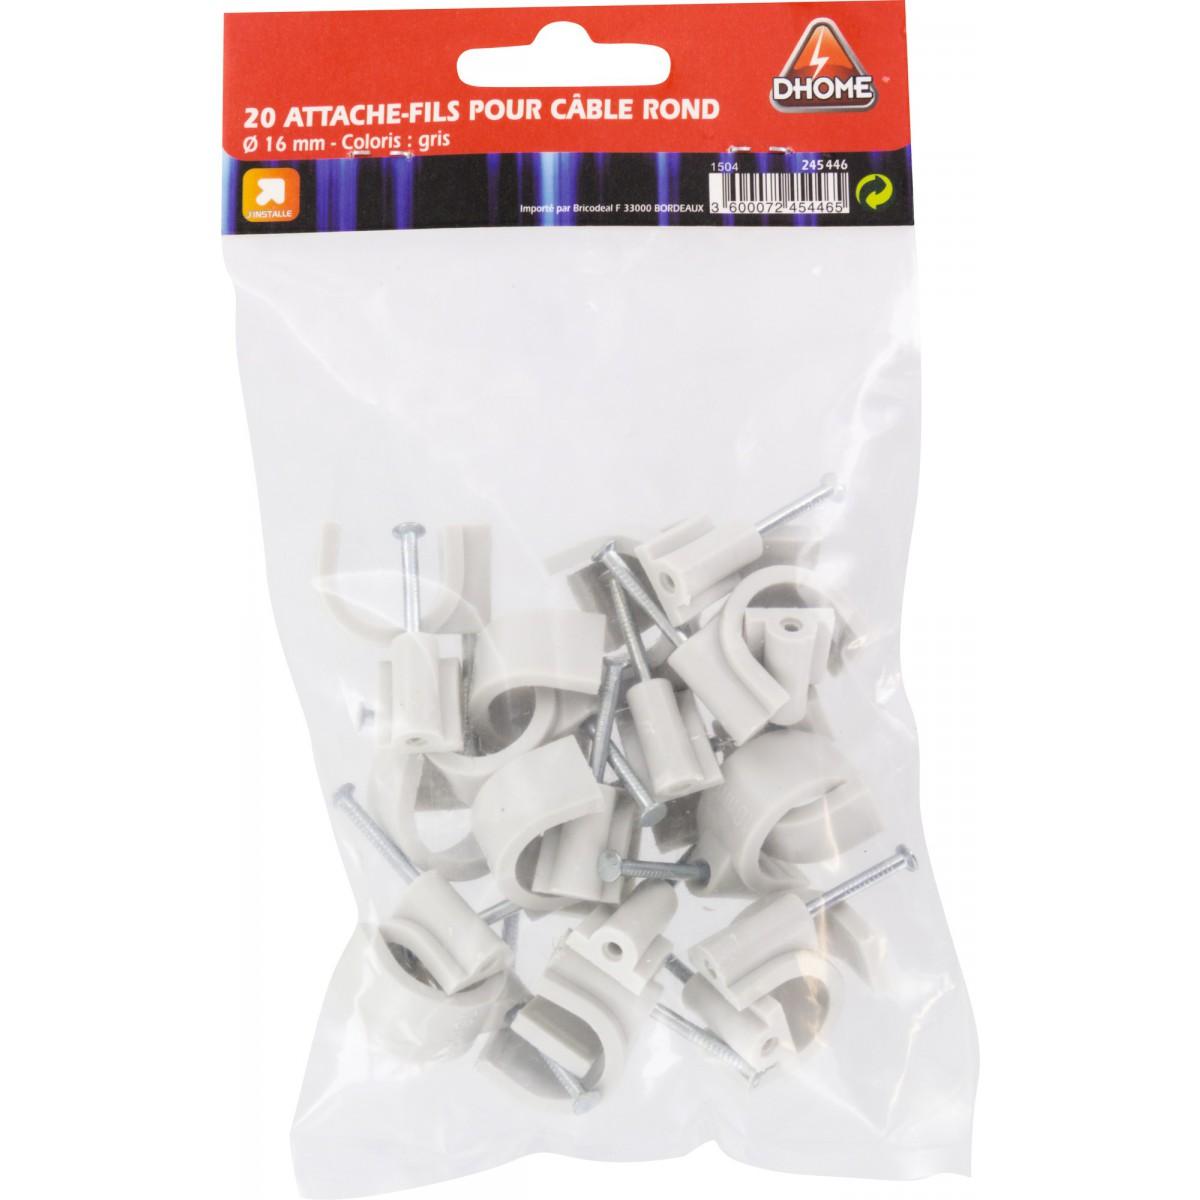 Pontet rigide gris Dhome - Diamètre 16 mm - Vendu par 20